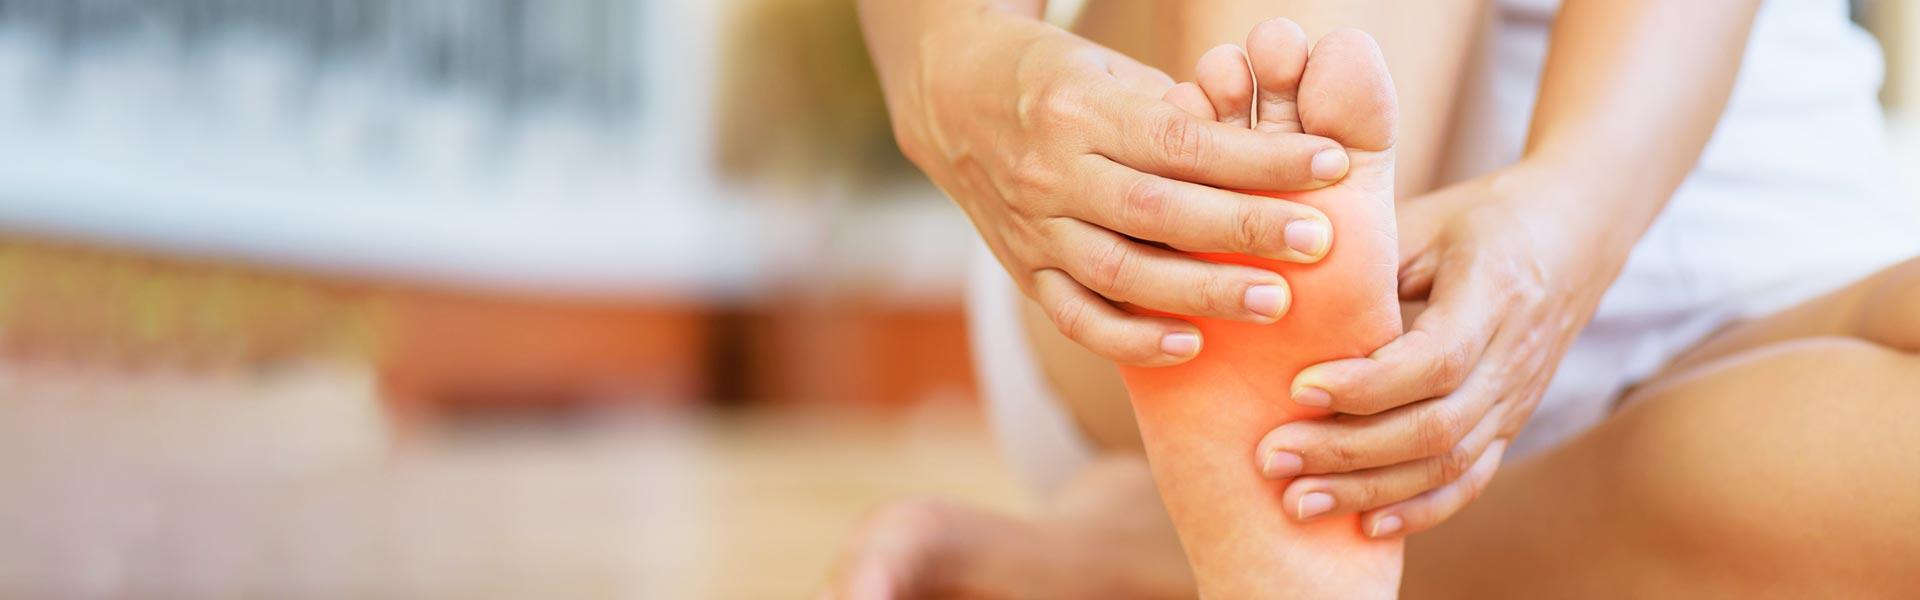 Orthopädie-Schuhtechnik Schwörer in Neustadt- endlich keine schmerzenden Füße mehr